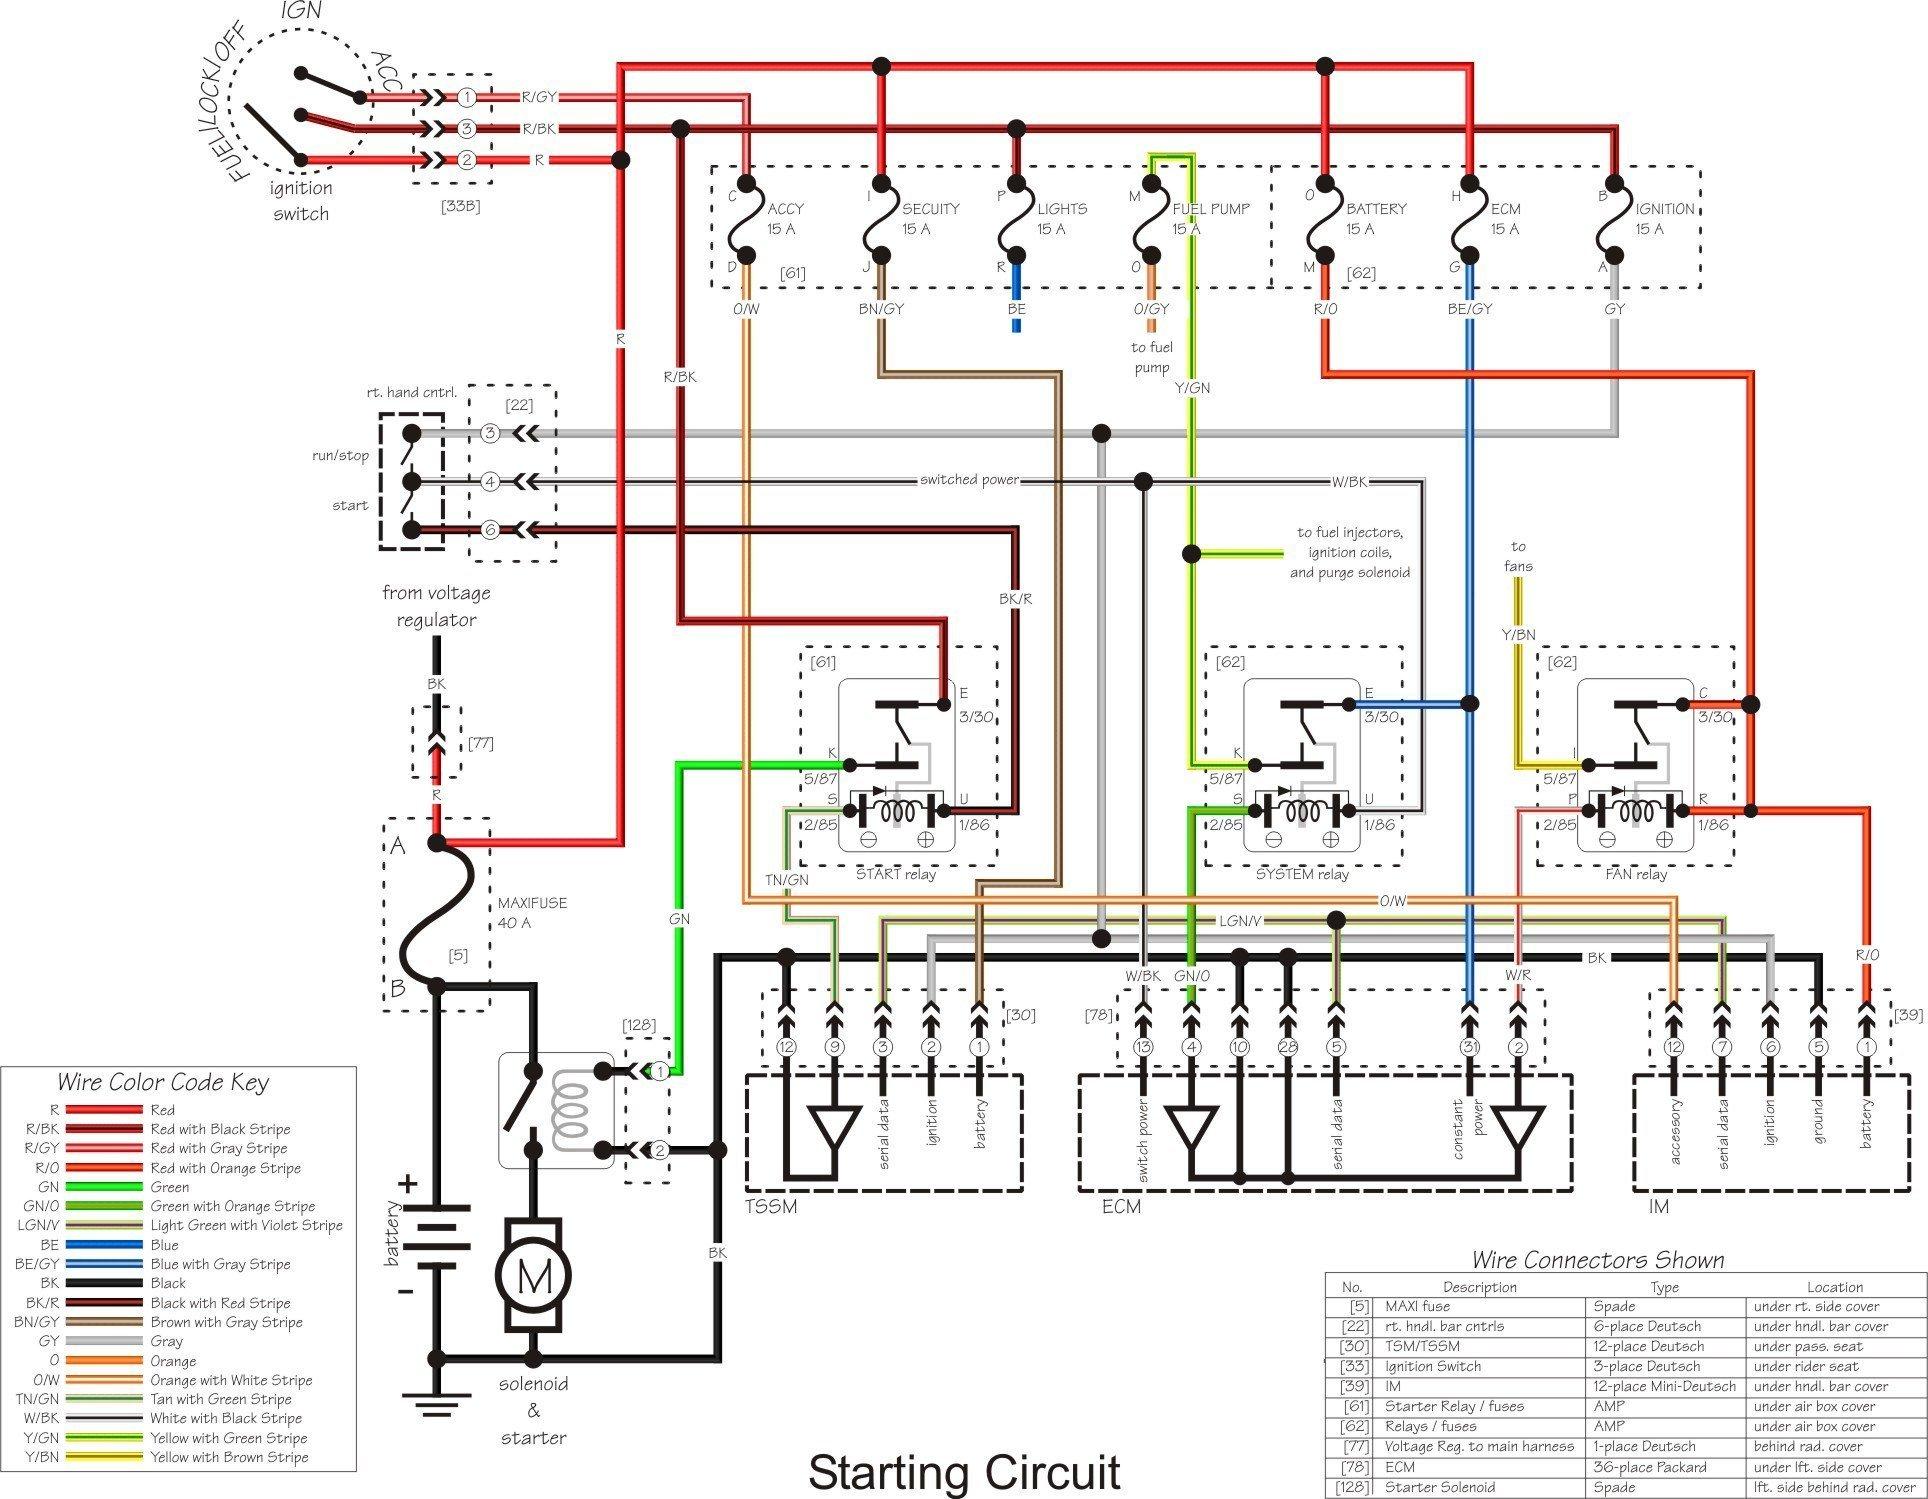 2007 harley davidson softail wiring diagram wiring diagram 2007 sportster xl wiring diagram home diagrams harley diagramanuals